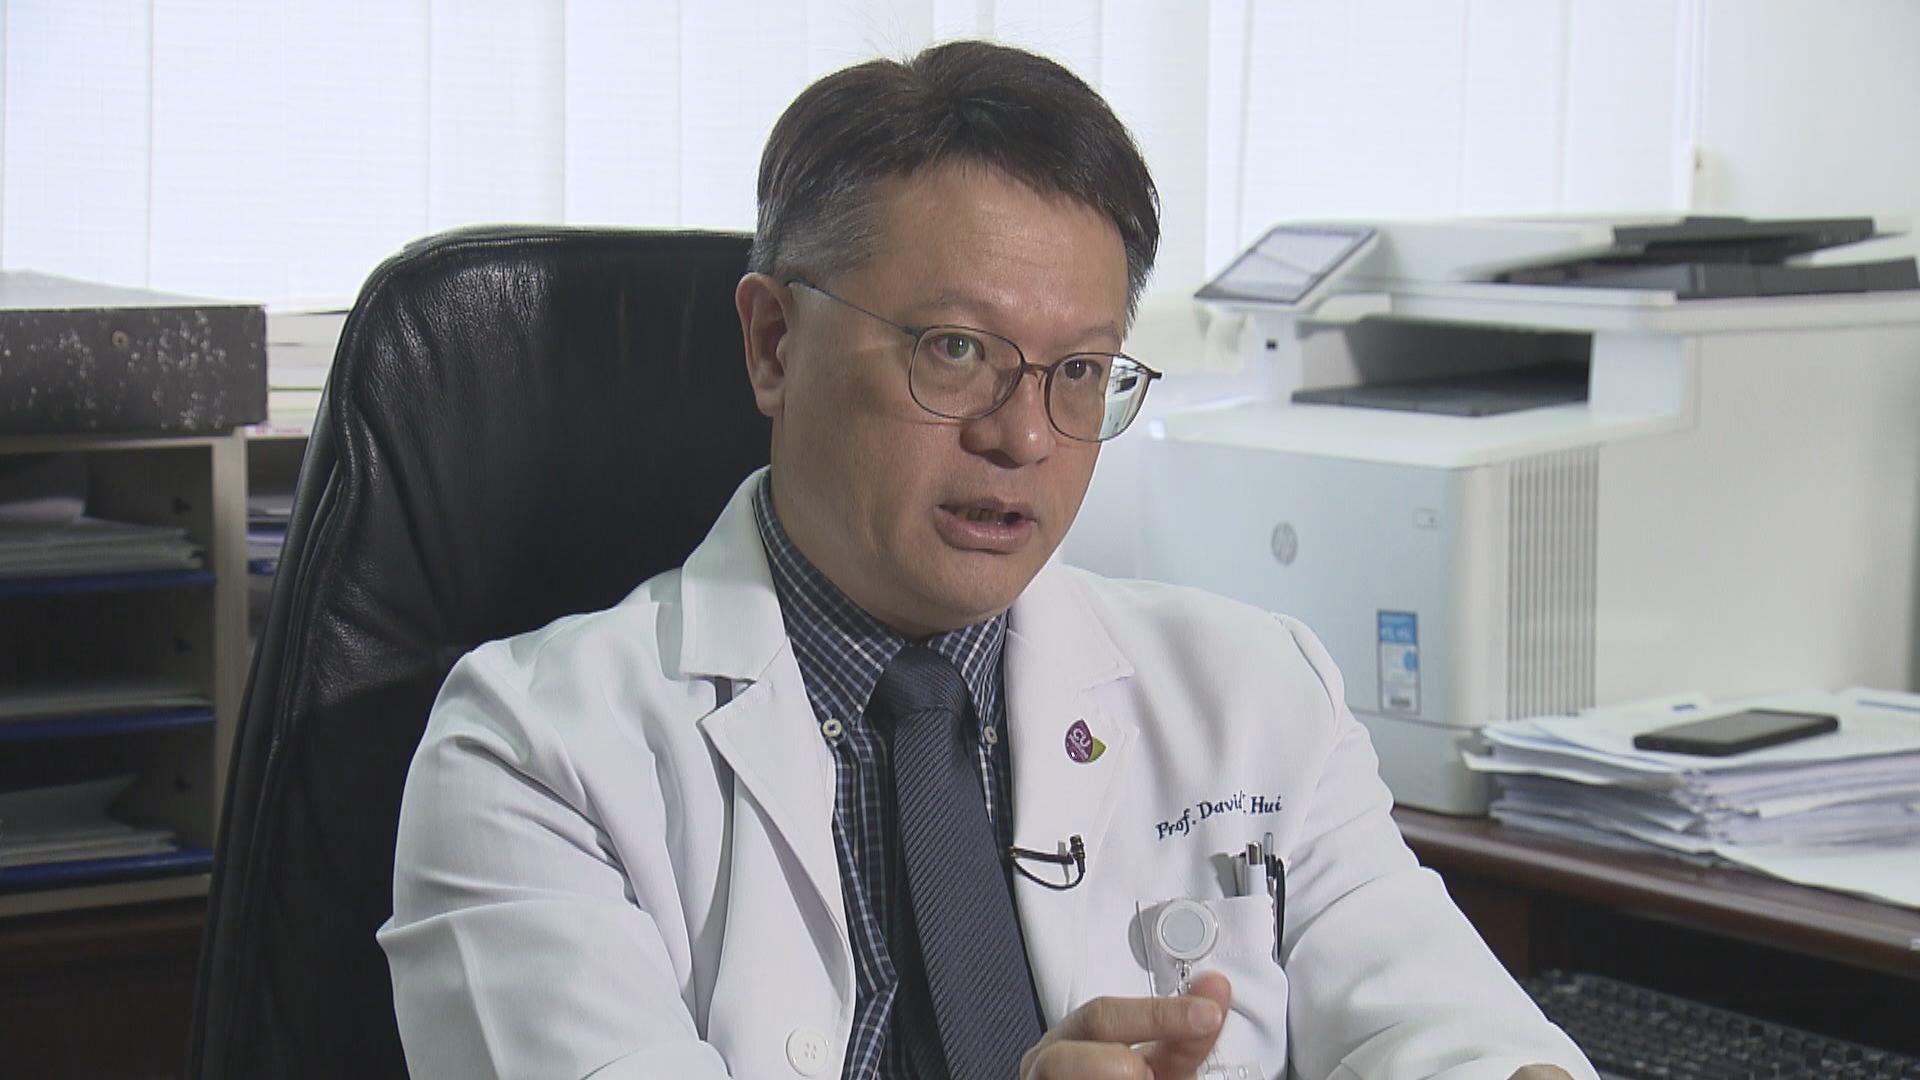 許樹昌:衞生署應為抵港高風險人士安排接受病毒測試